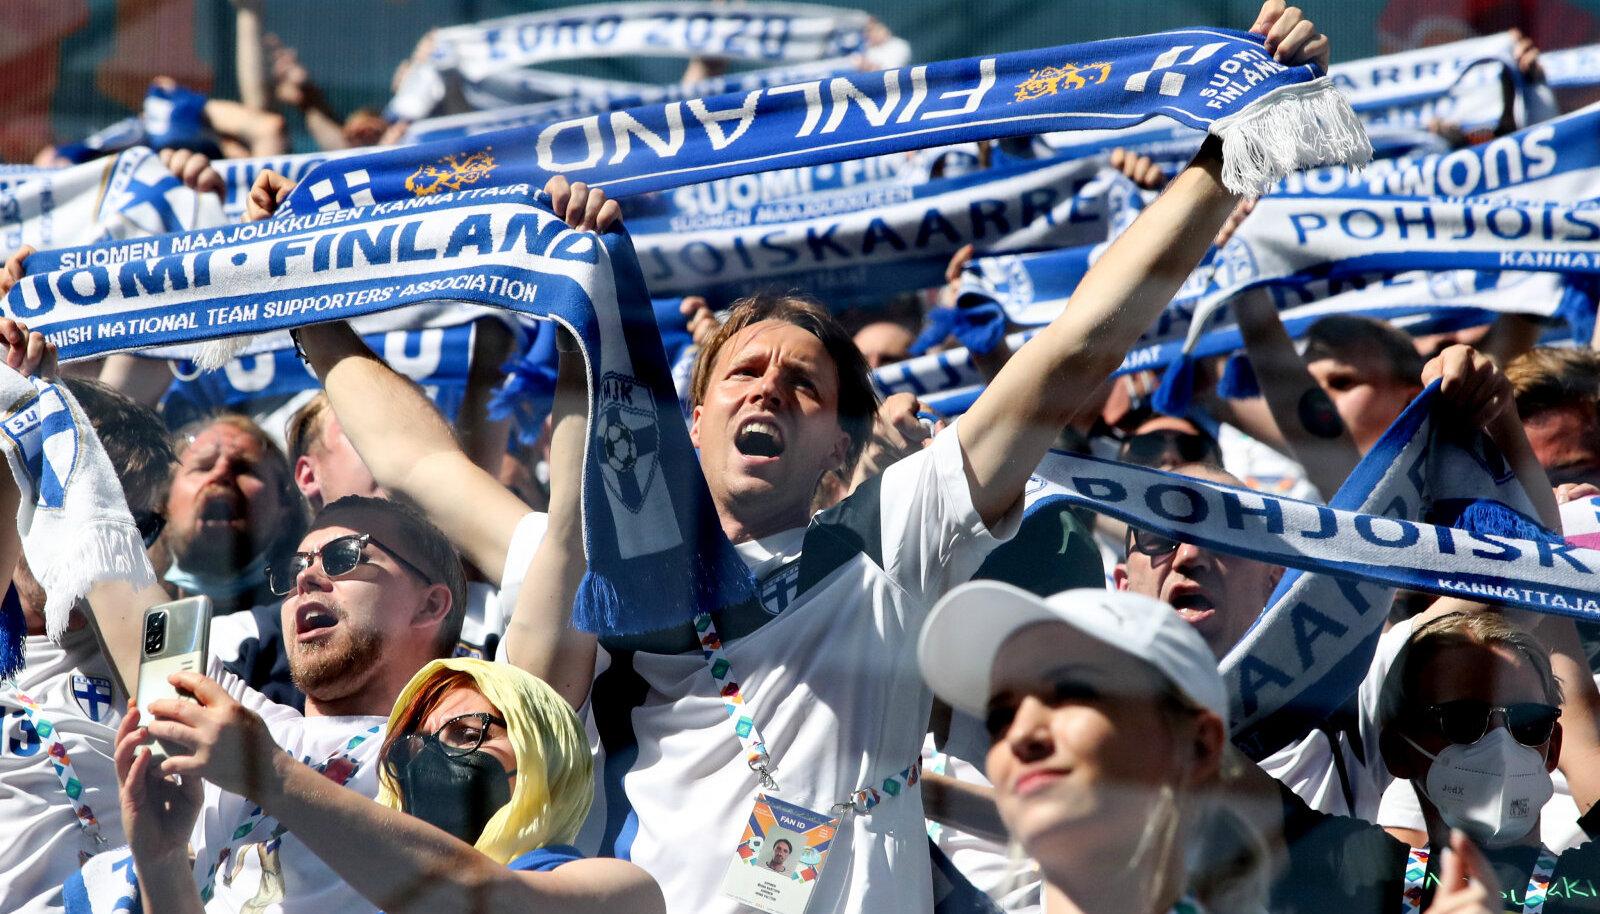 Soome jalgpallikoondise fännid Peterburis. (Foto on illustratiivne)